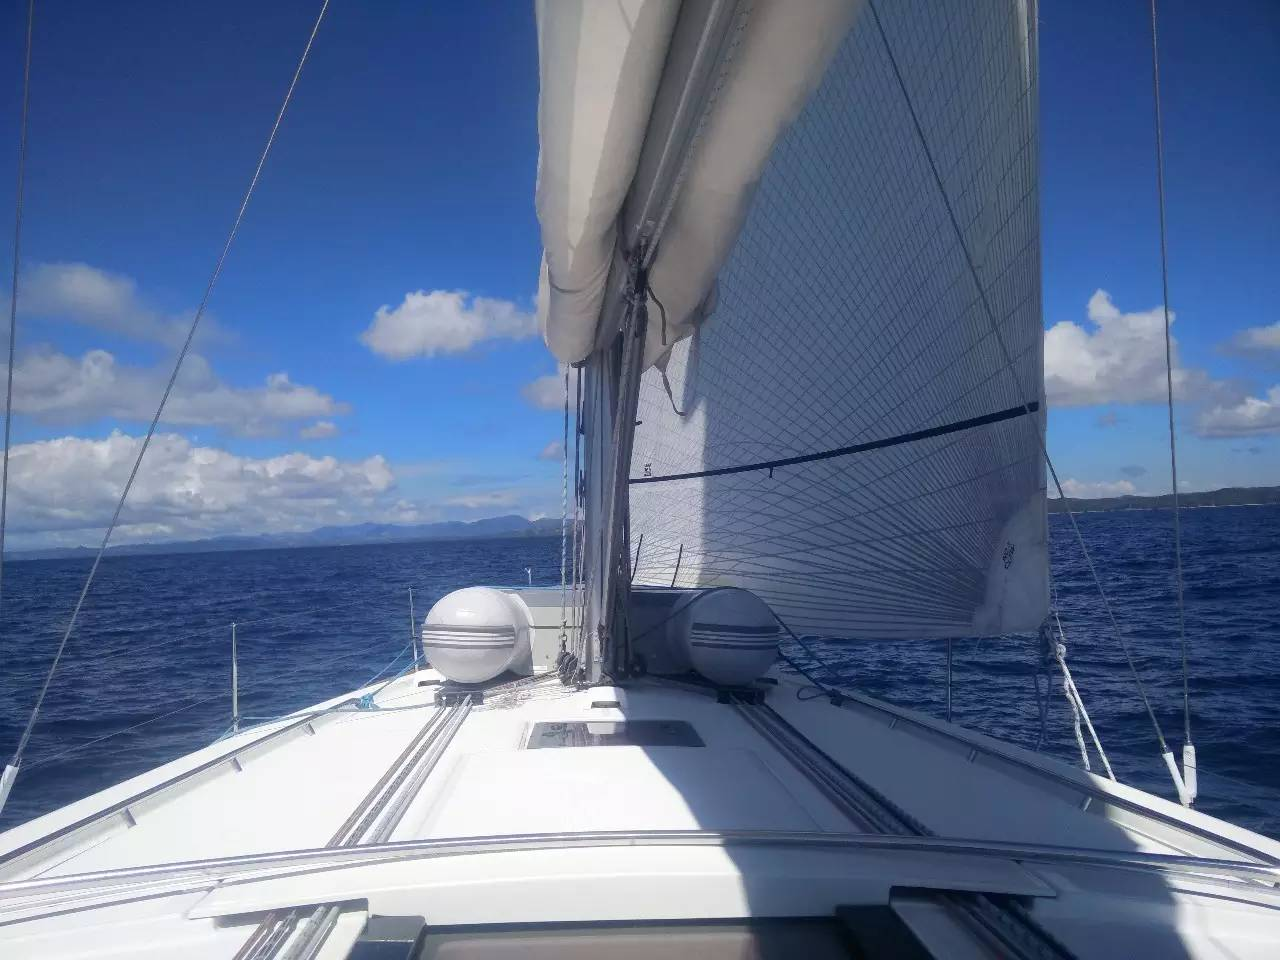 难忘的日落风帆,菲律宾极美海岛游记! e809652a85c9b8de174194cb490b21fb.jpg